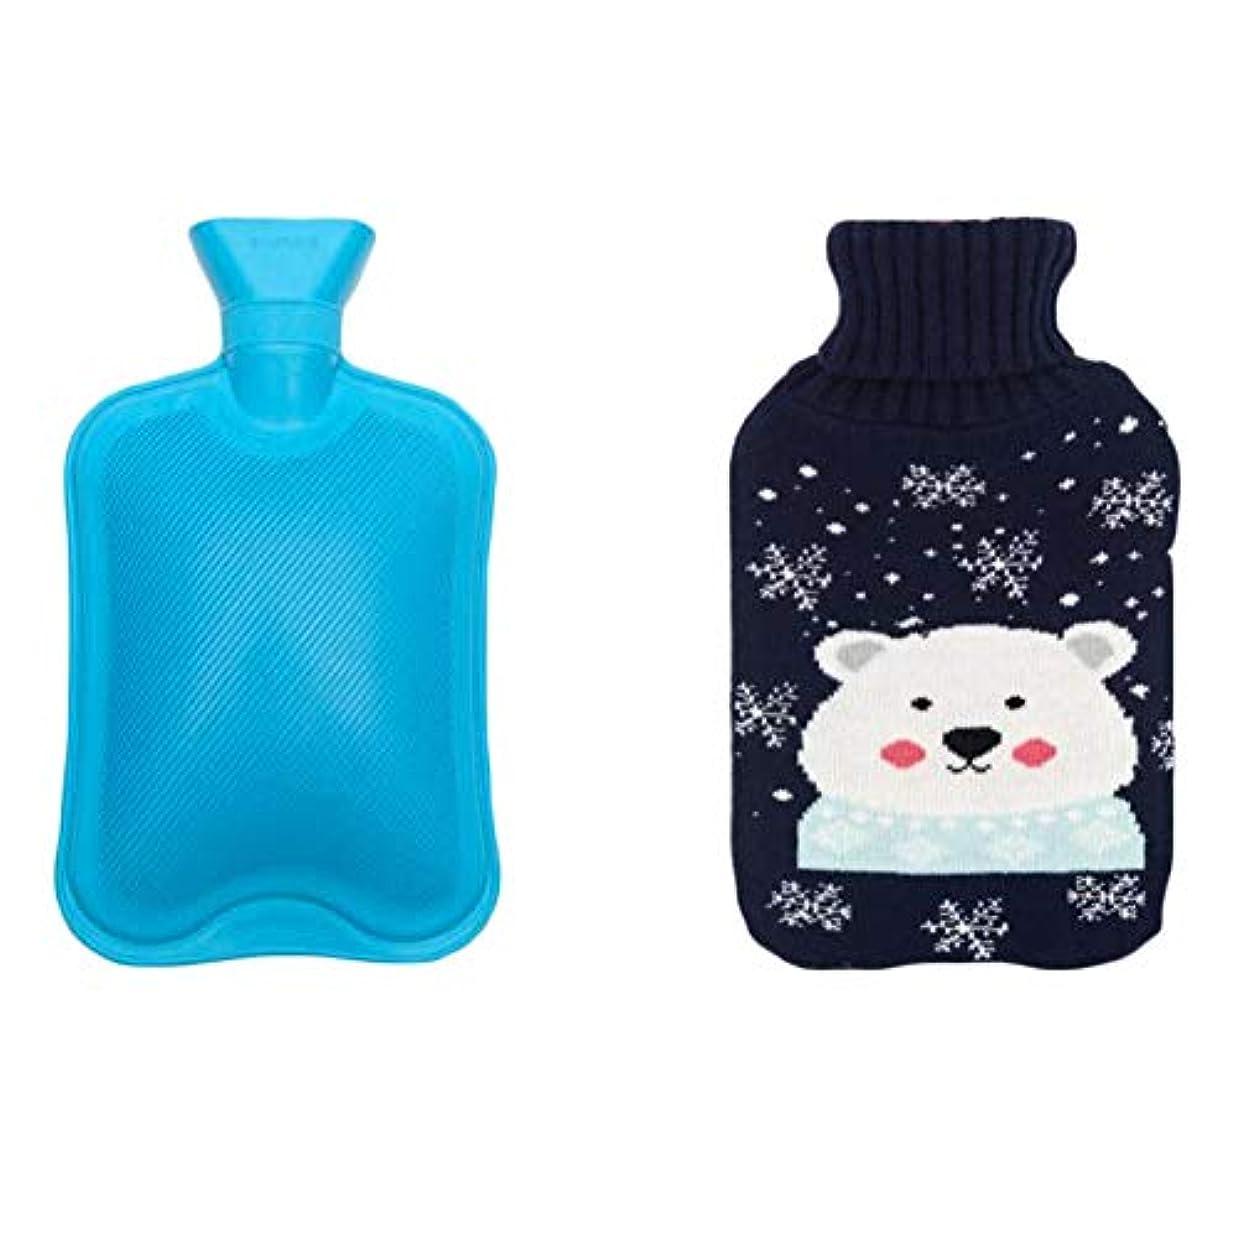 デンマーク語無パン屋1リットルの温水ボトルラブリークマのデザイン